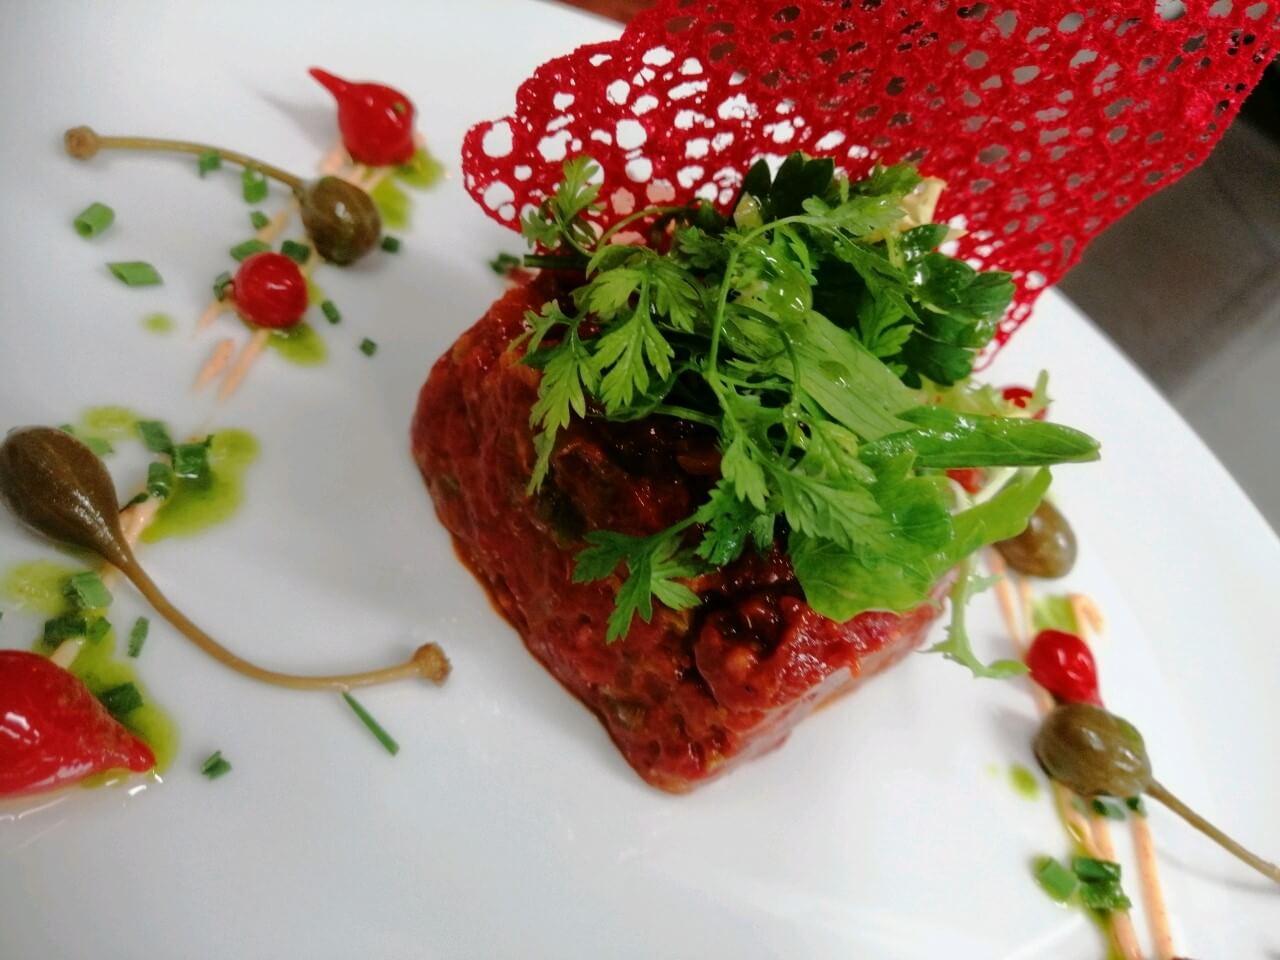 restaurant_mia osteria_gericht_spiez.jpg